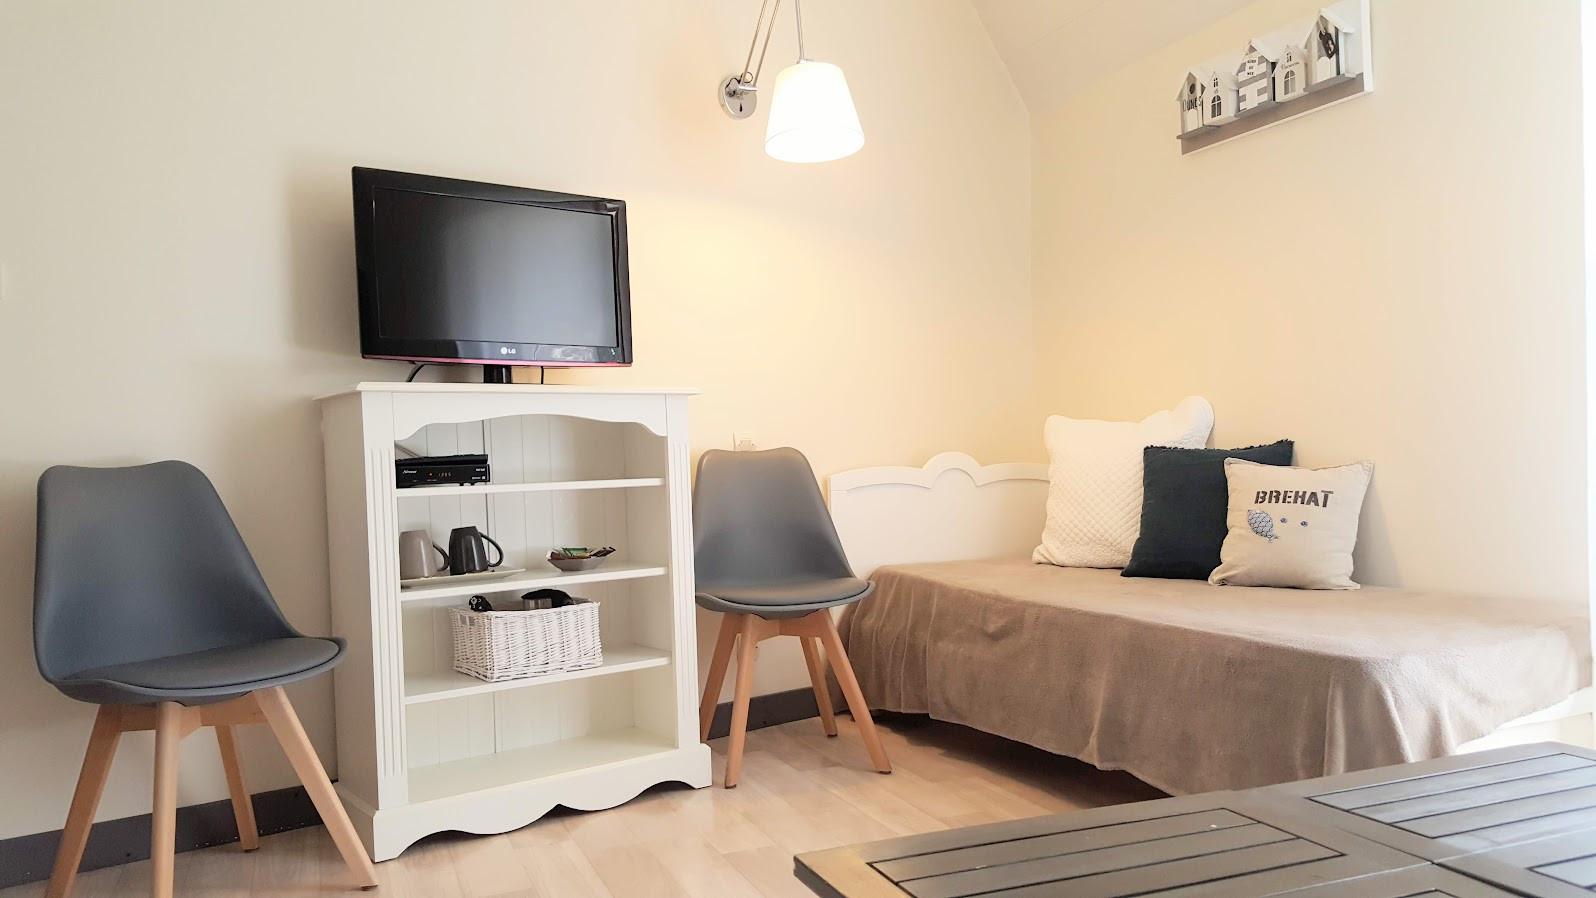 1 lit simple, TV et wifi